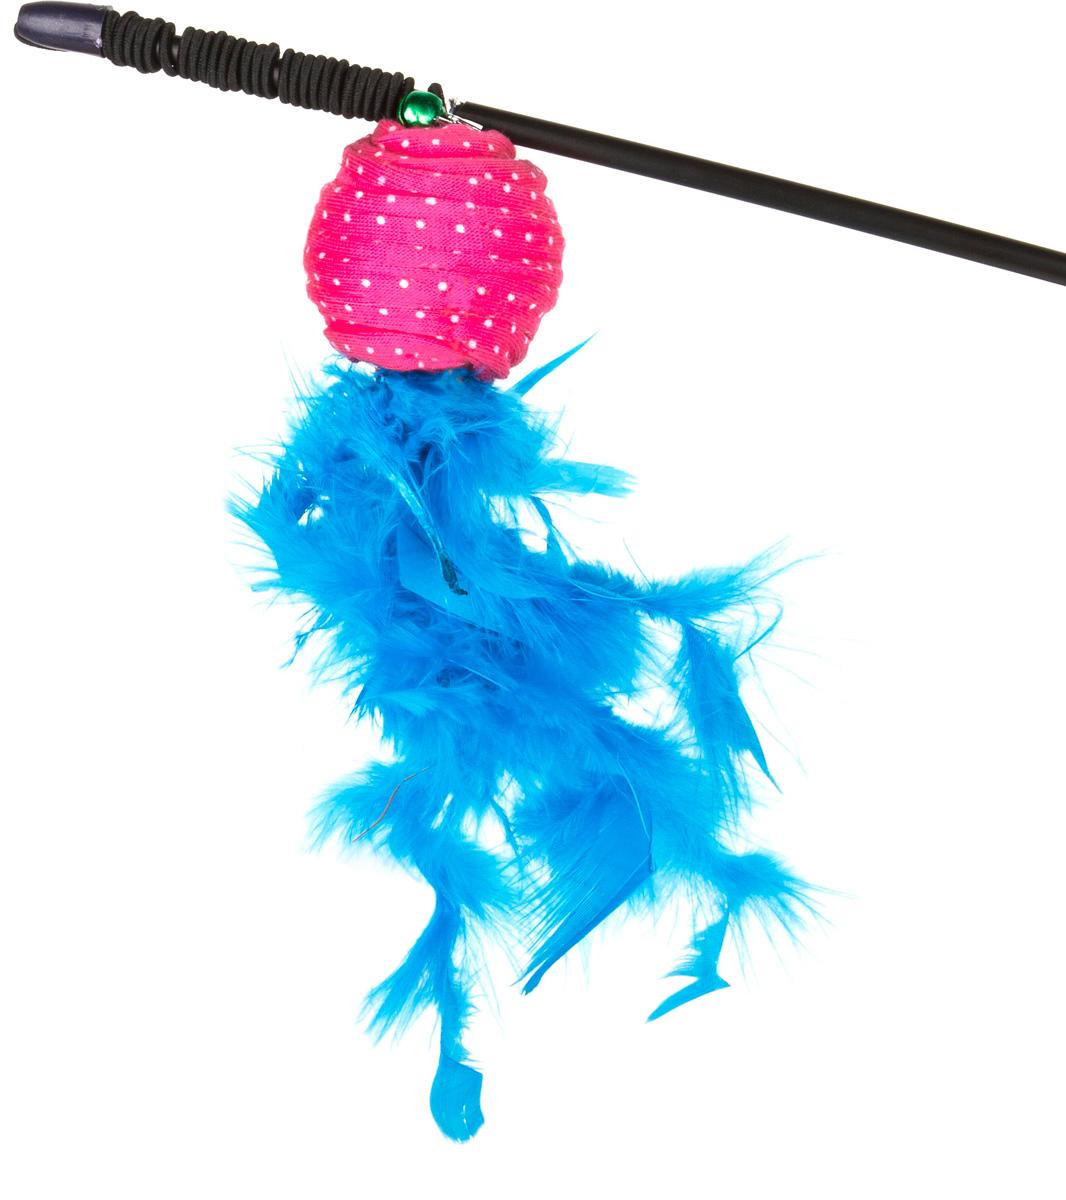 Игрушка-дразнилка для кошек GLG Полосатый шарик с перьями, длина 60 см игрушка дразнилка для кошек glg боа с бубенчиками цвет зеленый длина 60 см